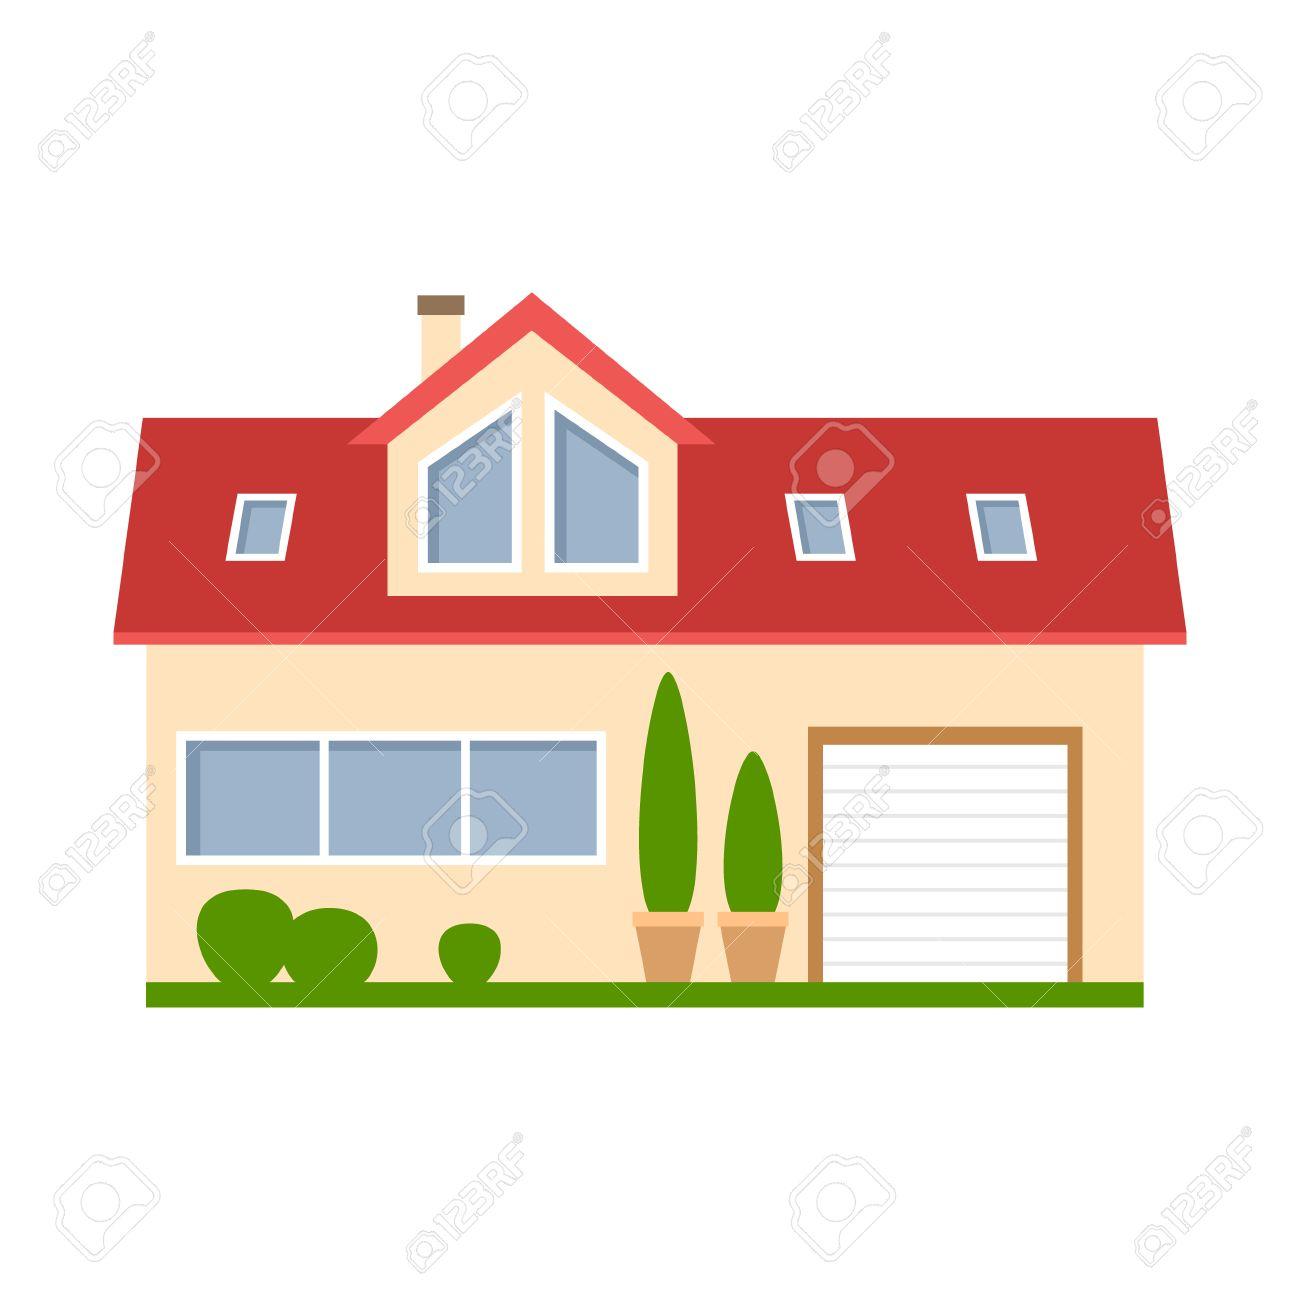 casa aislada de dibujos animados. casa suburbana simple con garaje ... - Bienes Inmuebles Dibujos